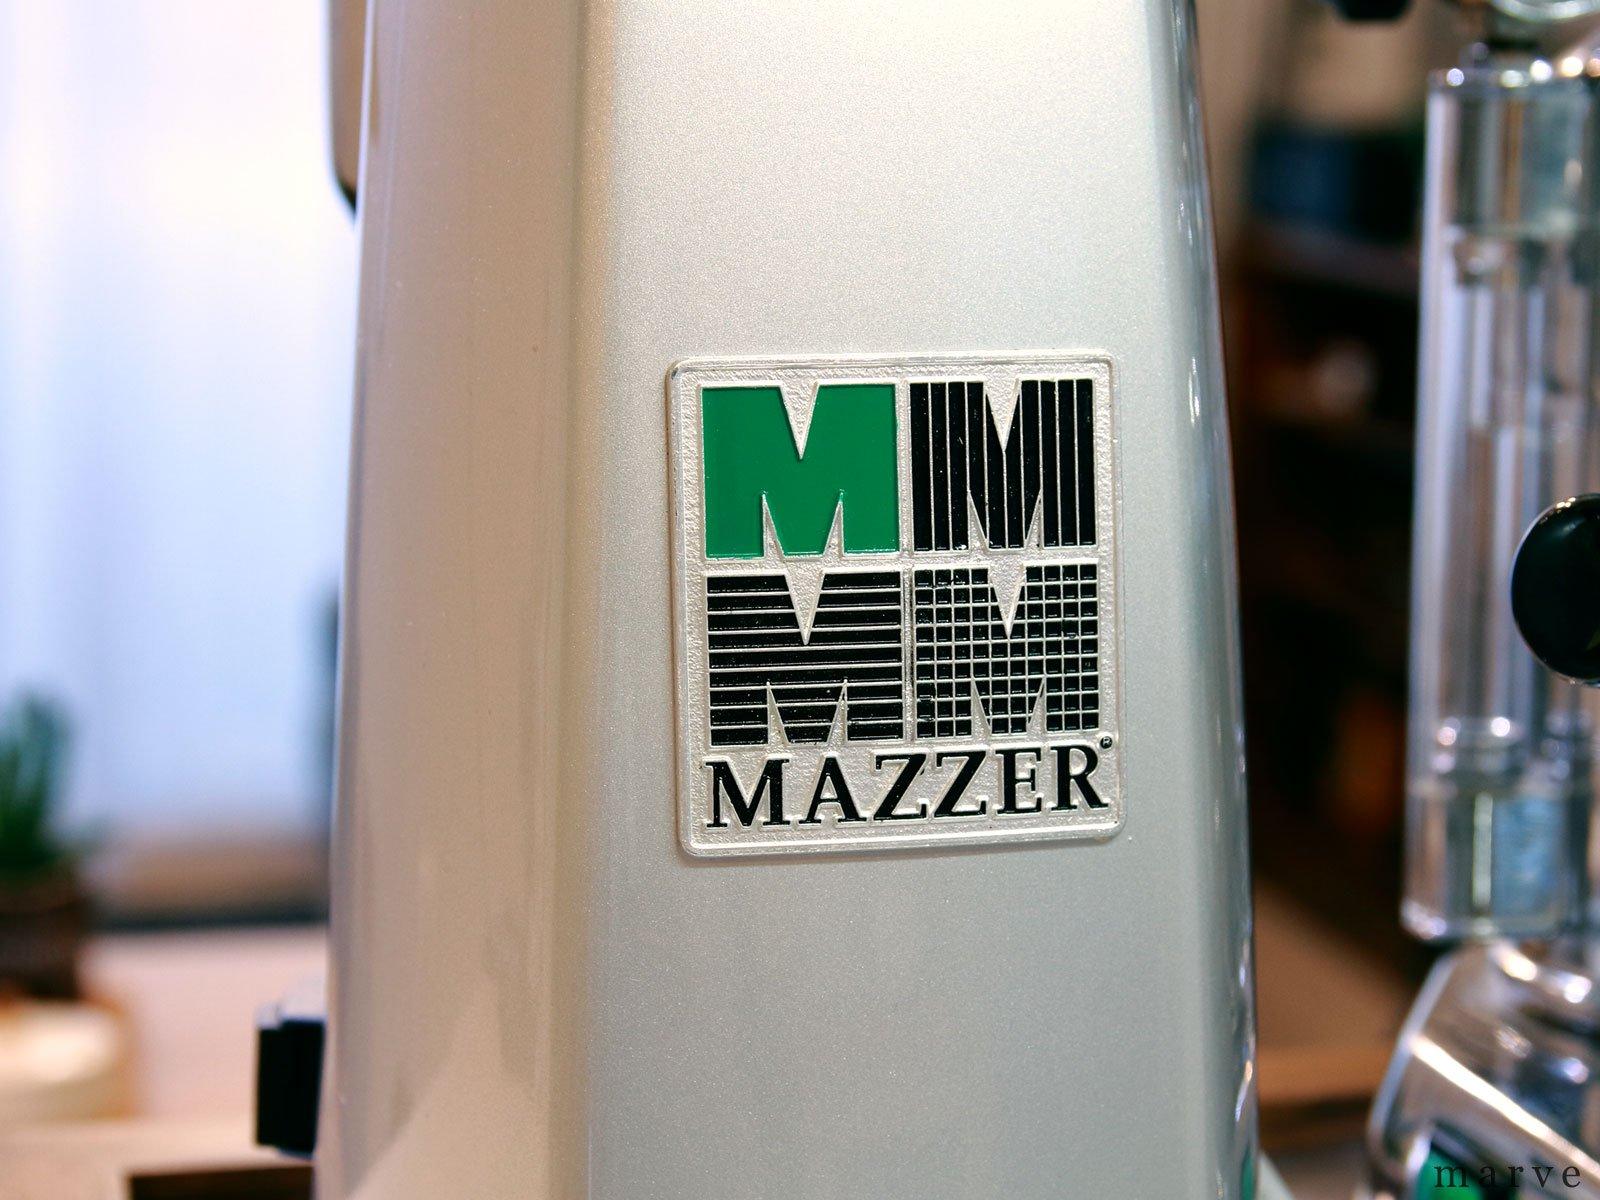 キャラコ MAZZER(マッツァ)グラインダー MINI - ELECTRONIC(A) アルミノ<img class='new_mark_img2' src='https://img.shop-pro.jp/img/new/icons16.gif' style='border:none;display:inline;margin:0px;padding:0px;width:auto;' />